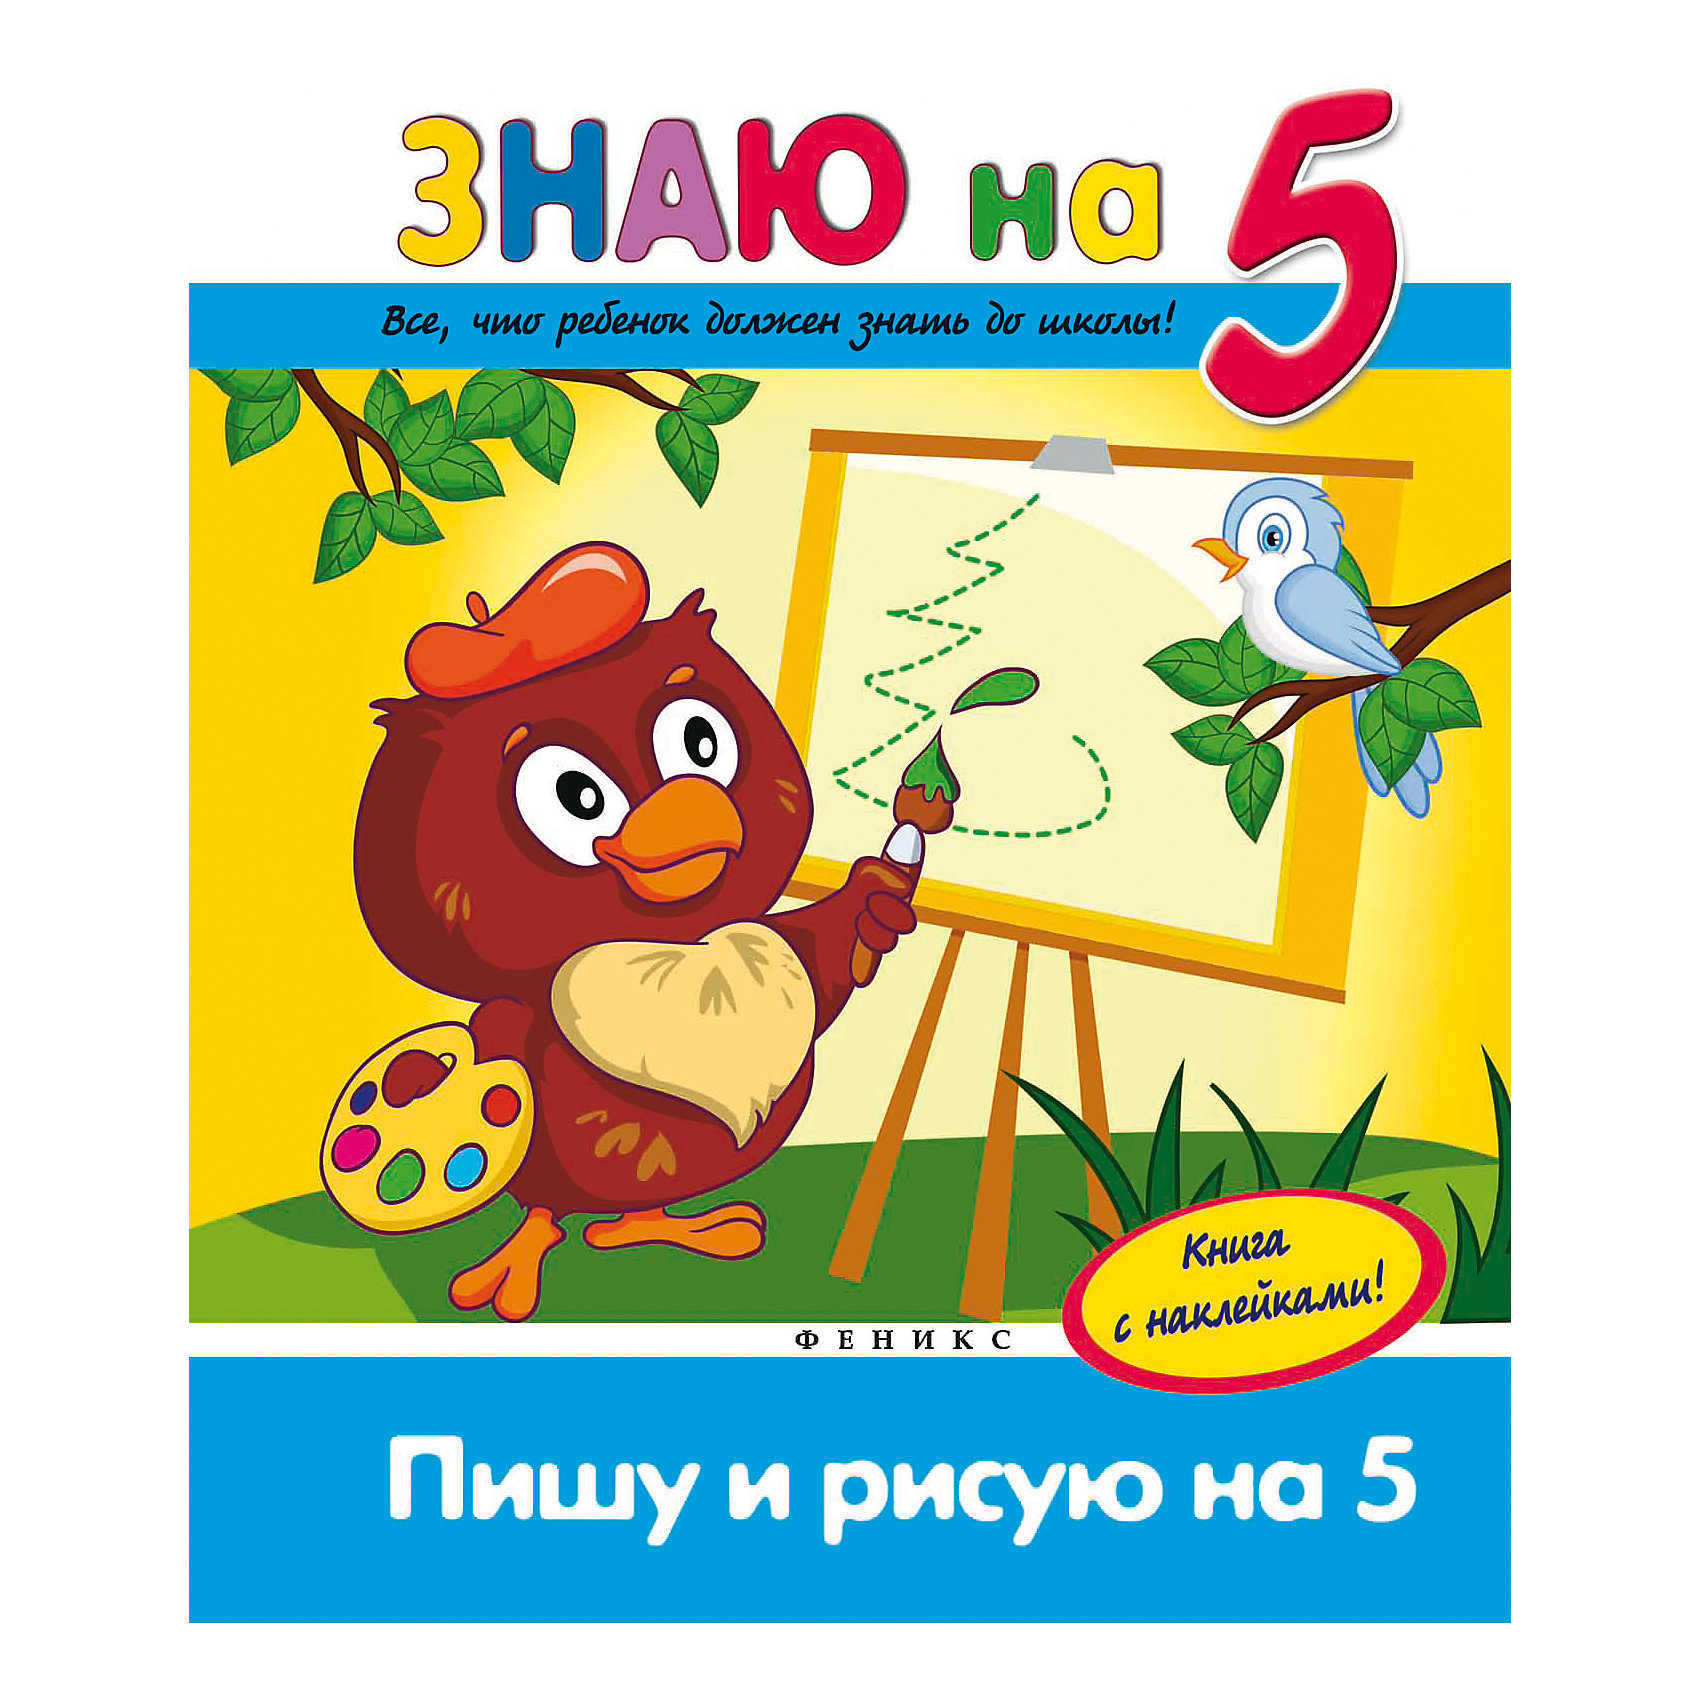 Пишу и рисую на 5Рисование<br>Издание Пишу и рисую на 5 станет Вам отличным помощником в подготовке будущего первоклассника. Занимаясь по этой книжке, ребенок сможет развить мелкую моторику и координацию руки, закрепить графические навыки рисования и письма. А яркие наклейки помогут сделать<br>процесс обучения более увлекательным. Обязательно похвалите ребенка за старание! <br><br>Дополнительная информация:<br><br>- Автор: В. А. Белых.<br>- Серия: Знаю на 5.<br>- Обложка: мягкая.<br>- Иллюстрации: цветные.<br>- Объем: 47 стр.<br>- Размер: 26,5 x 0,5 x 20 см.<br>- Вес: 186 гр.<br><br>Книгу Пишу и рисую на 5, Феникс-Премьер, можно купить в нашем интернет-магазине.<br><br>Ширина мм: 260<br>Глубина мм: 201<br>Высота мм: 5<br>Вес г: 744<br>Возраст от месяцев: 48<br>Возраст до месяцев: 84<br>Пол: Унисекс<br>Возраст: Детский<br>SKU: 4771390